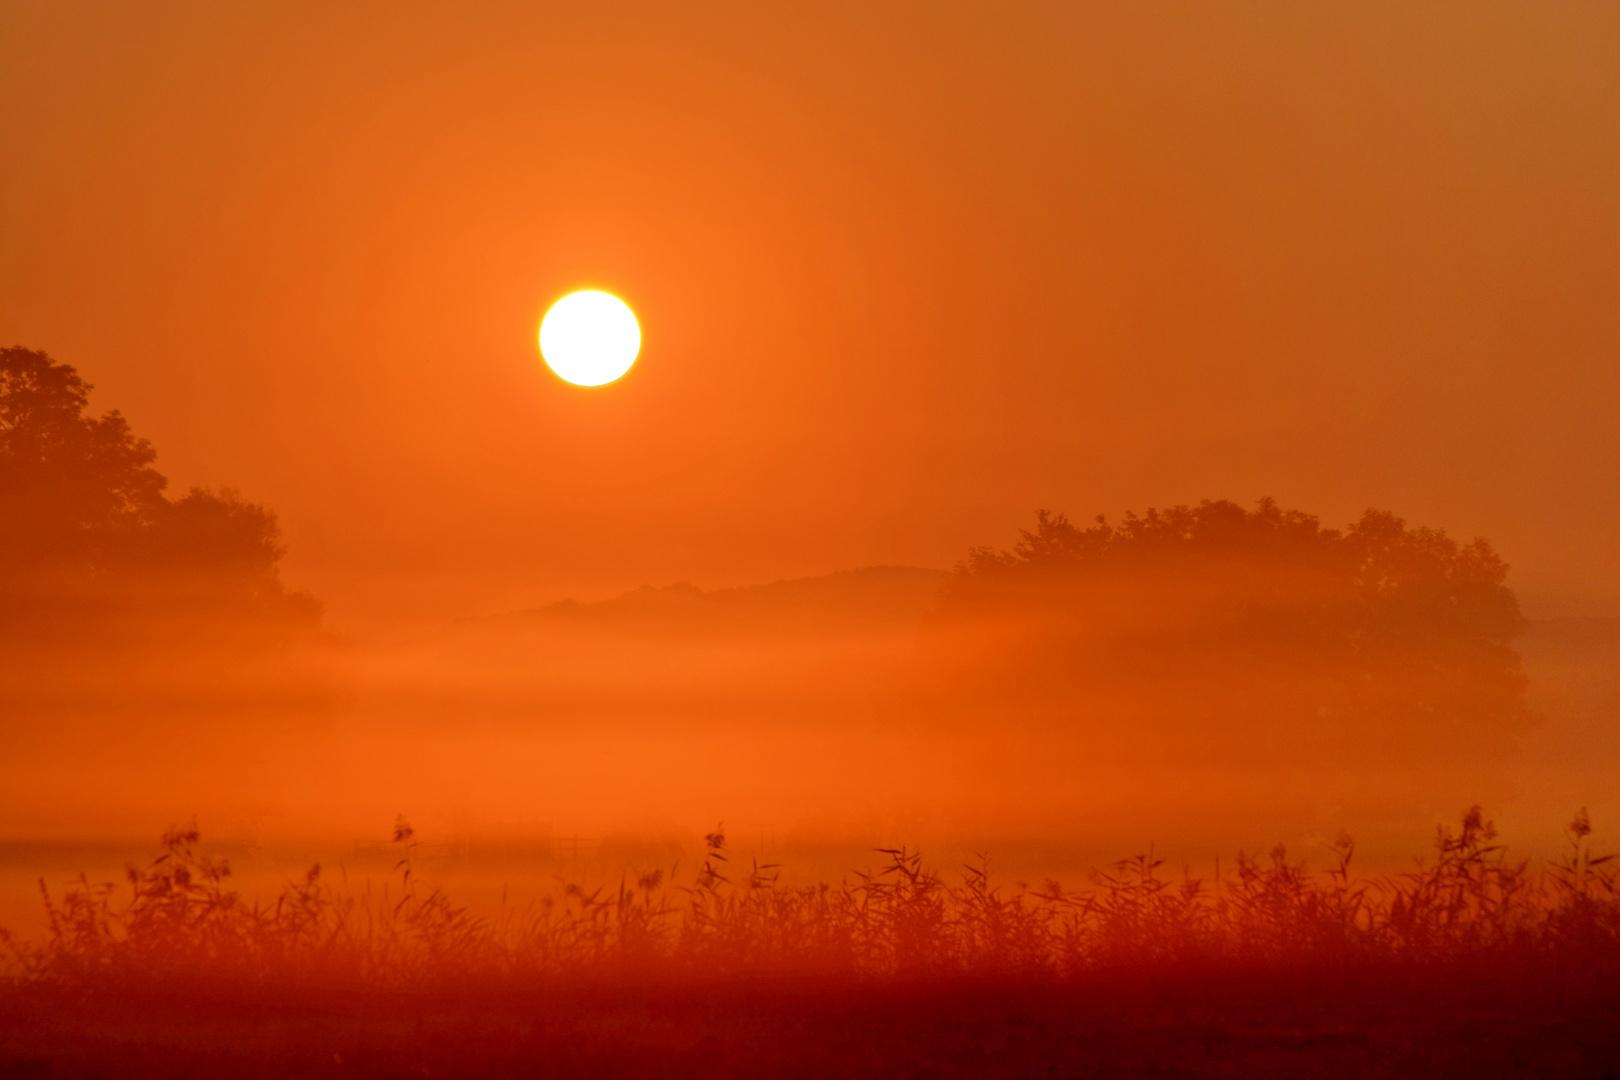 Morgenstimmung im Rhön-Grabfeld